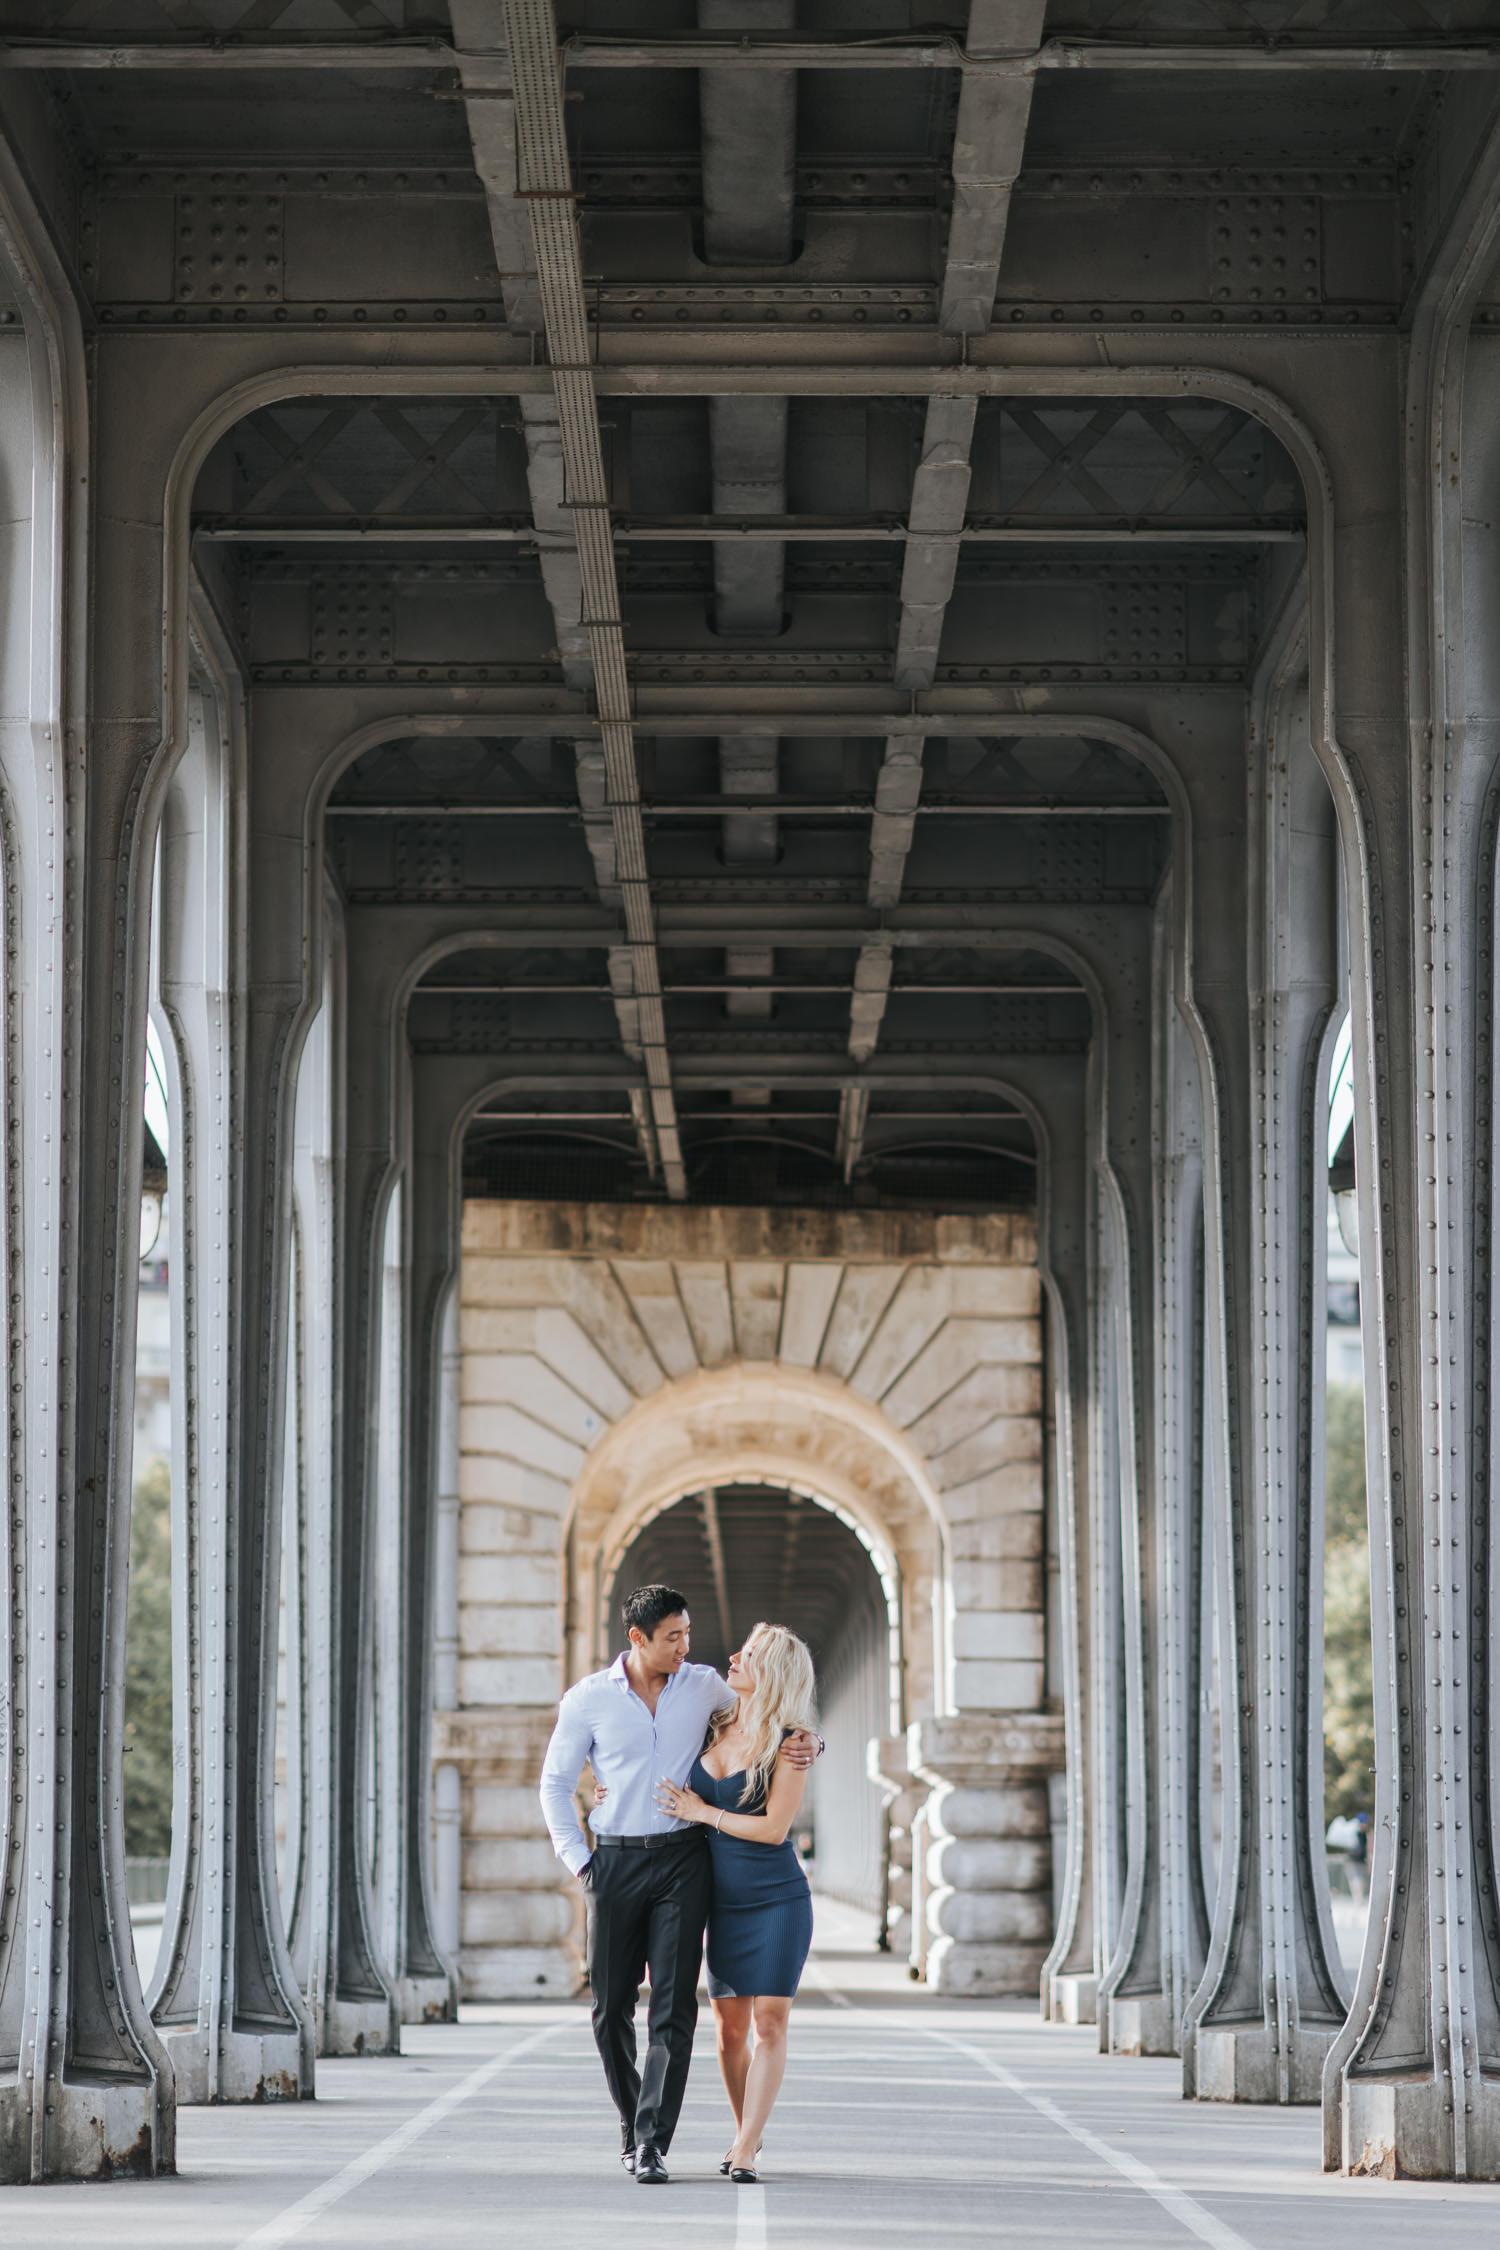 The Inception Bridge engagement photo